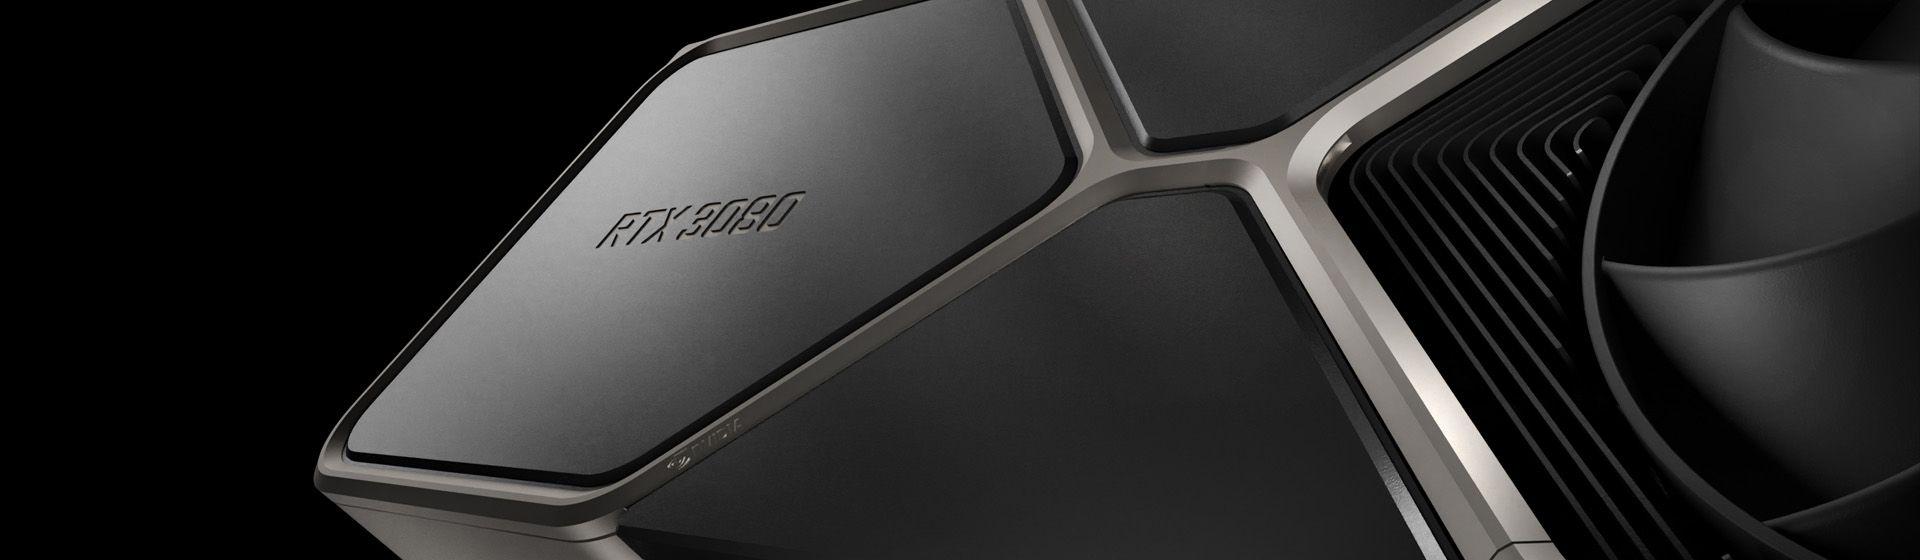 RTX 30: 5 curiosidades sobre as novas placas de vídeo NVIDIA